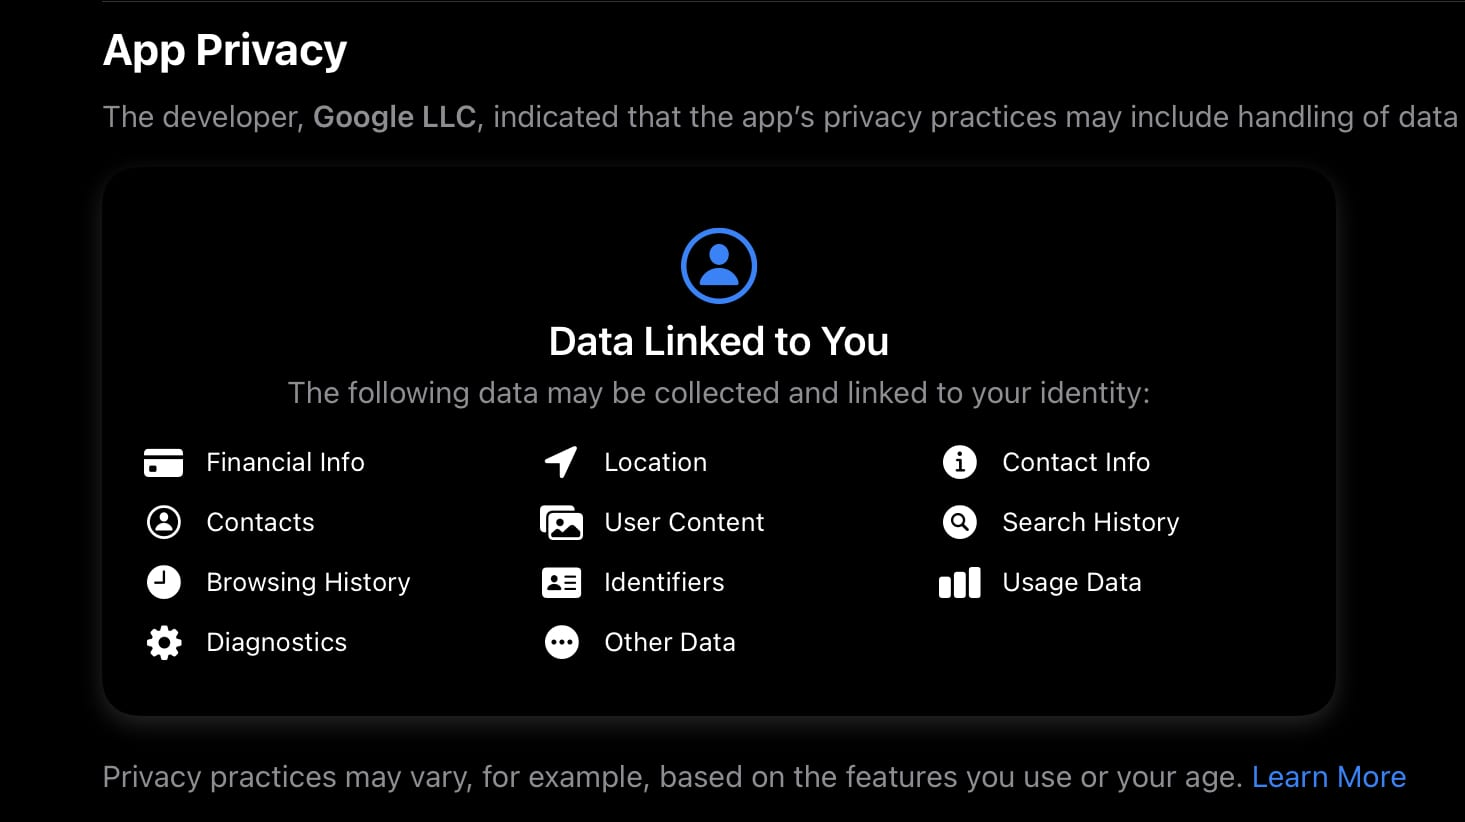 Google App Privacy Label